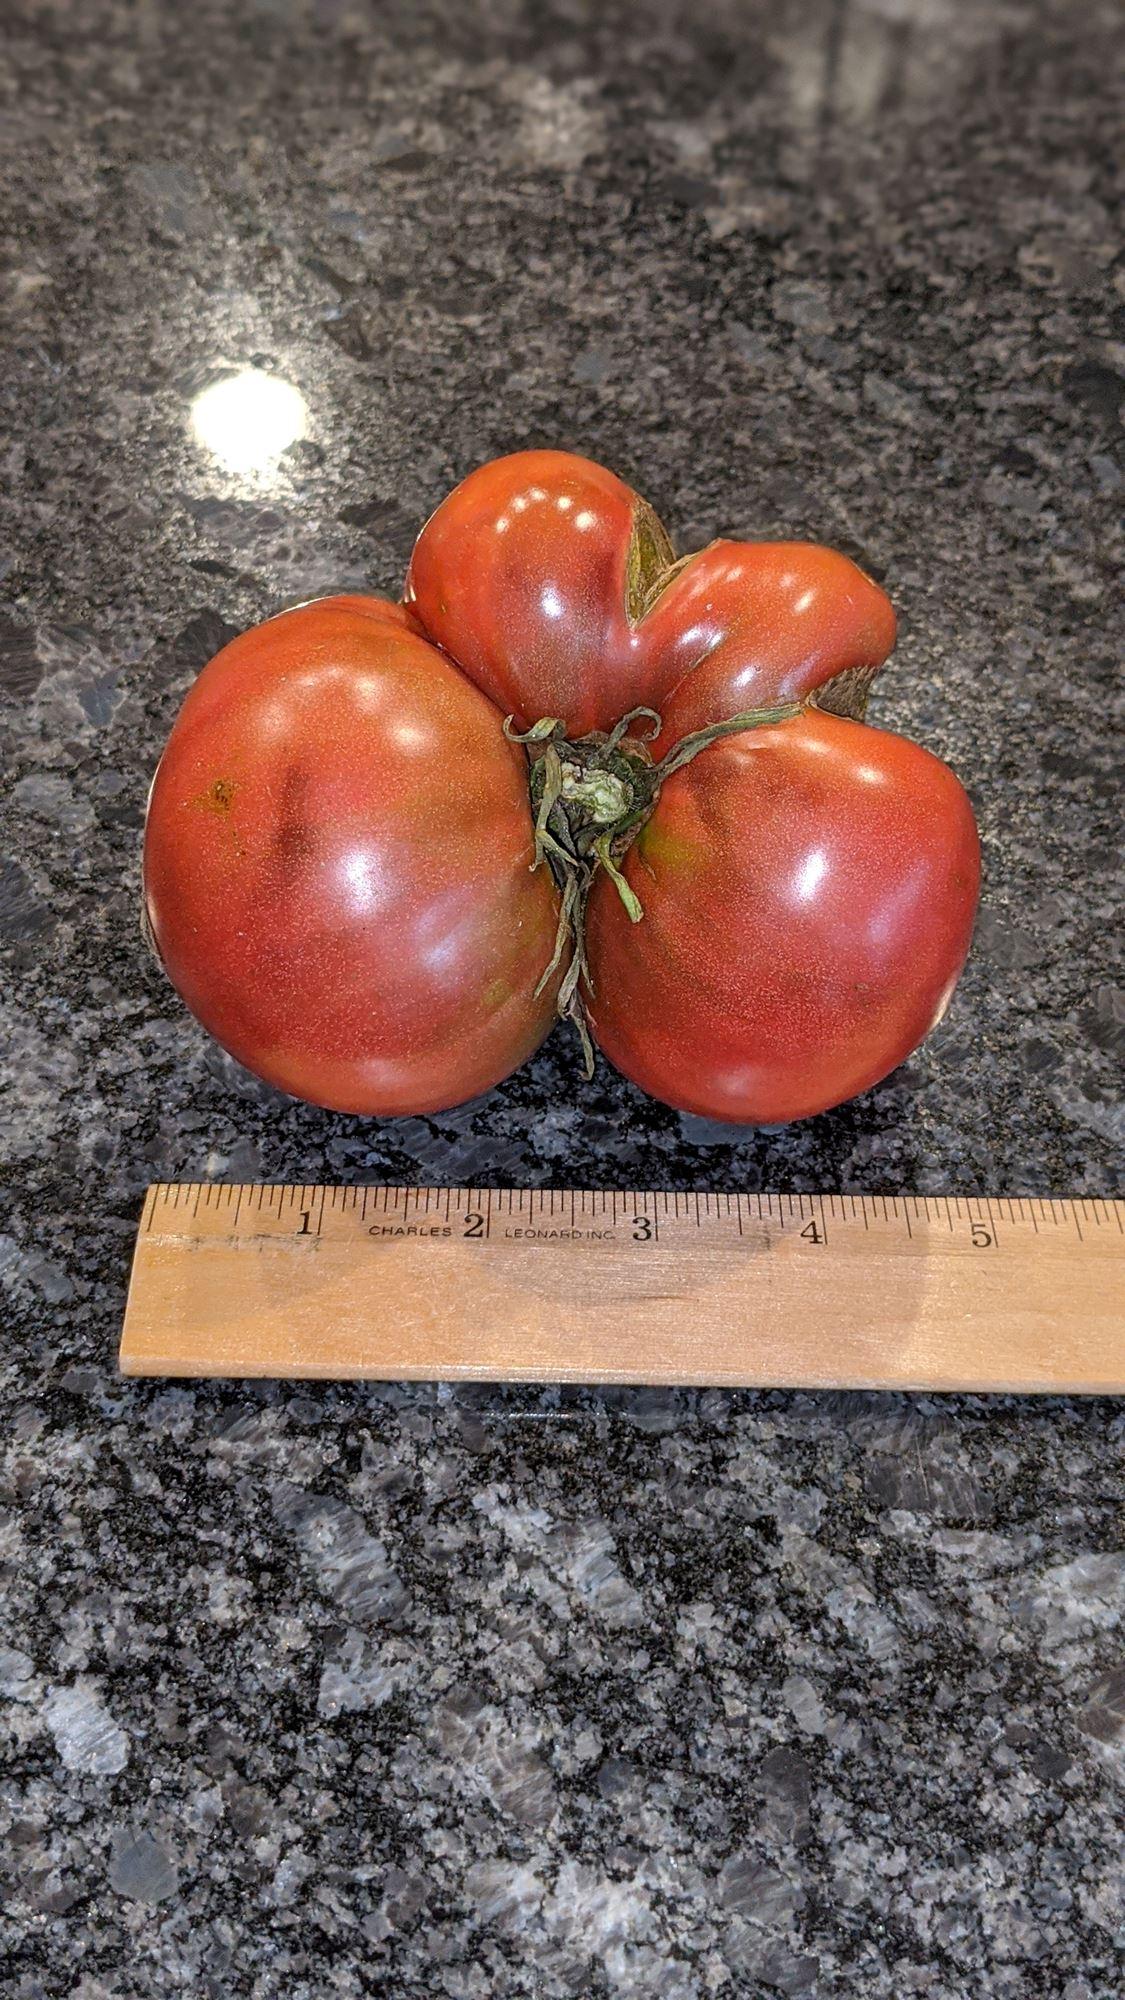 Largest tomato